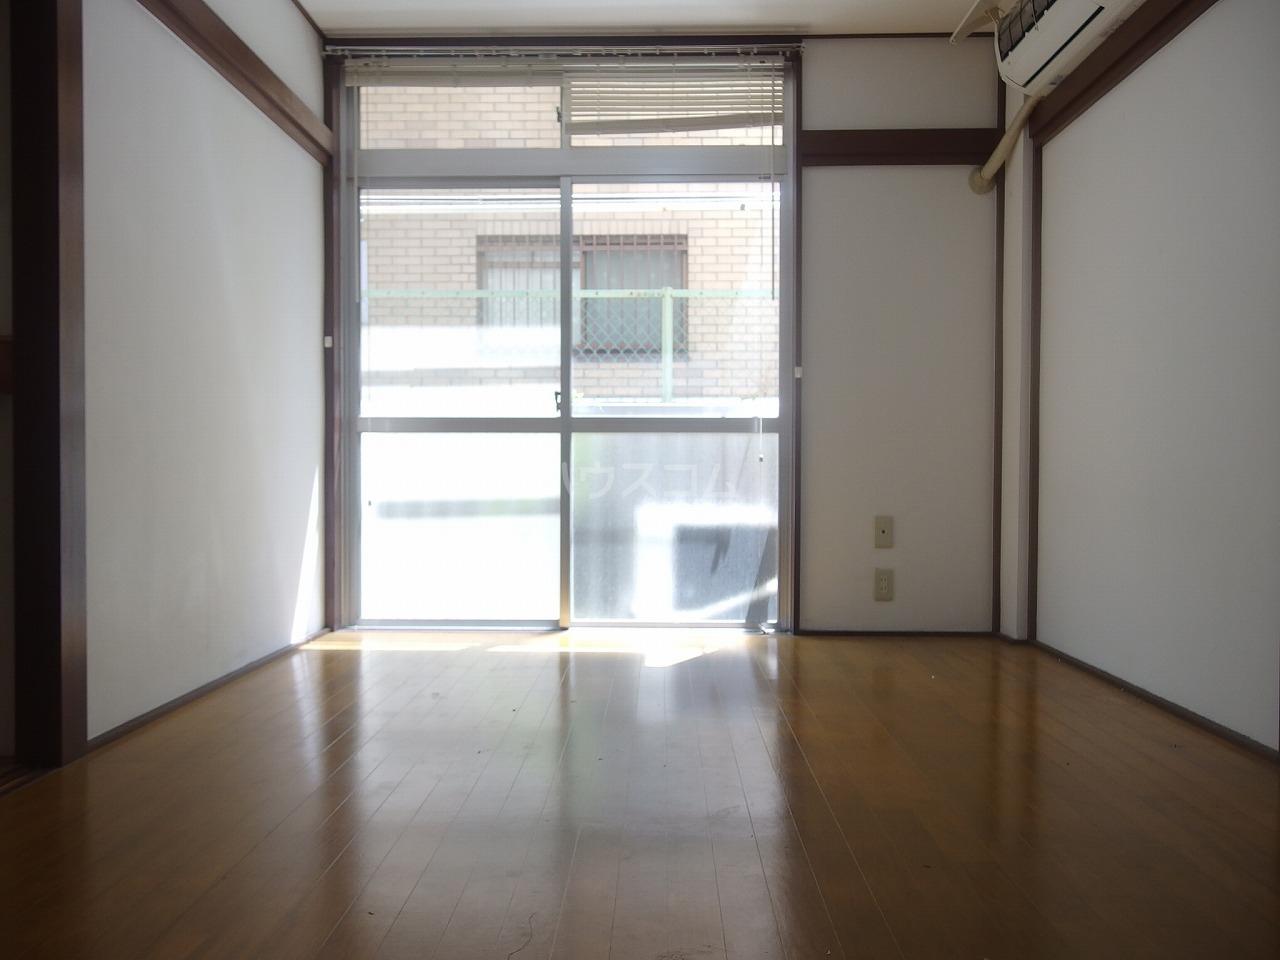 コーポヒルサイド 105号室の居室